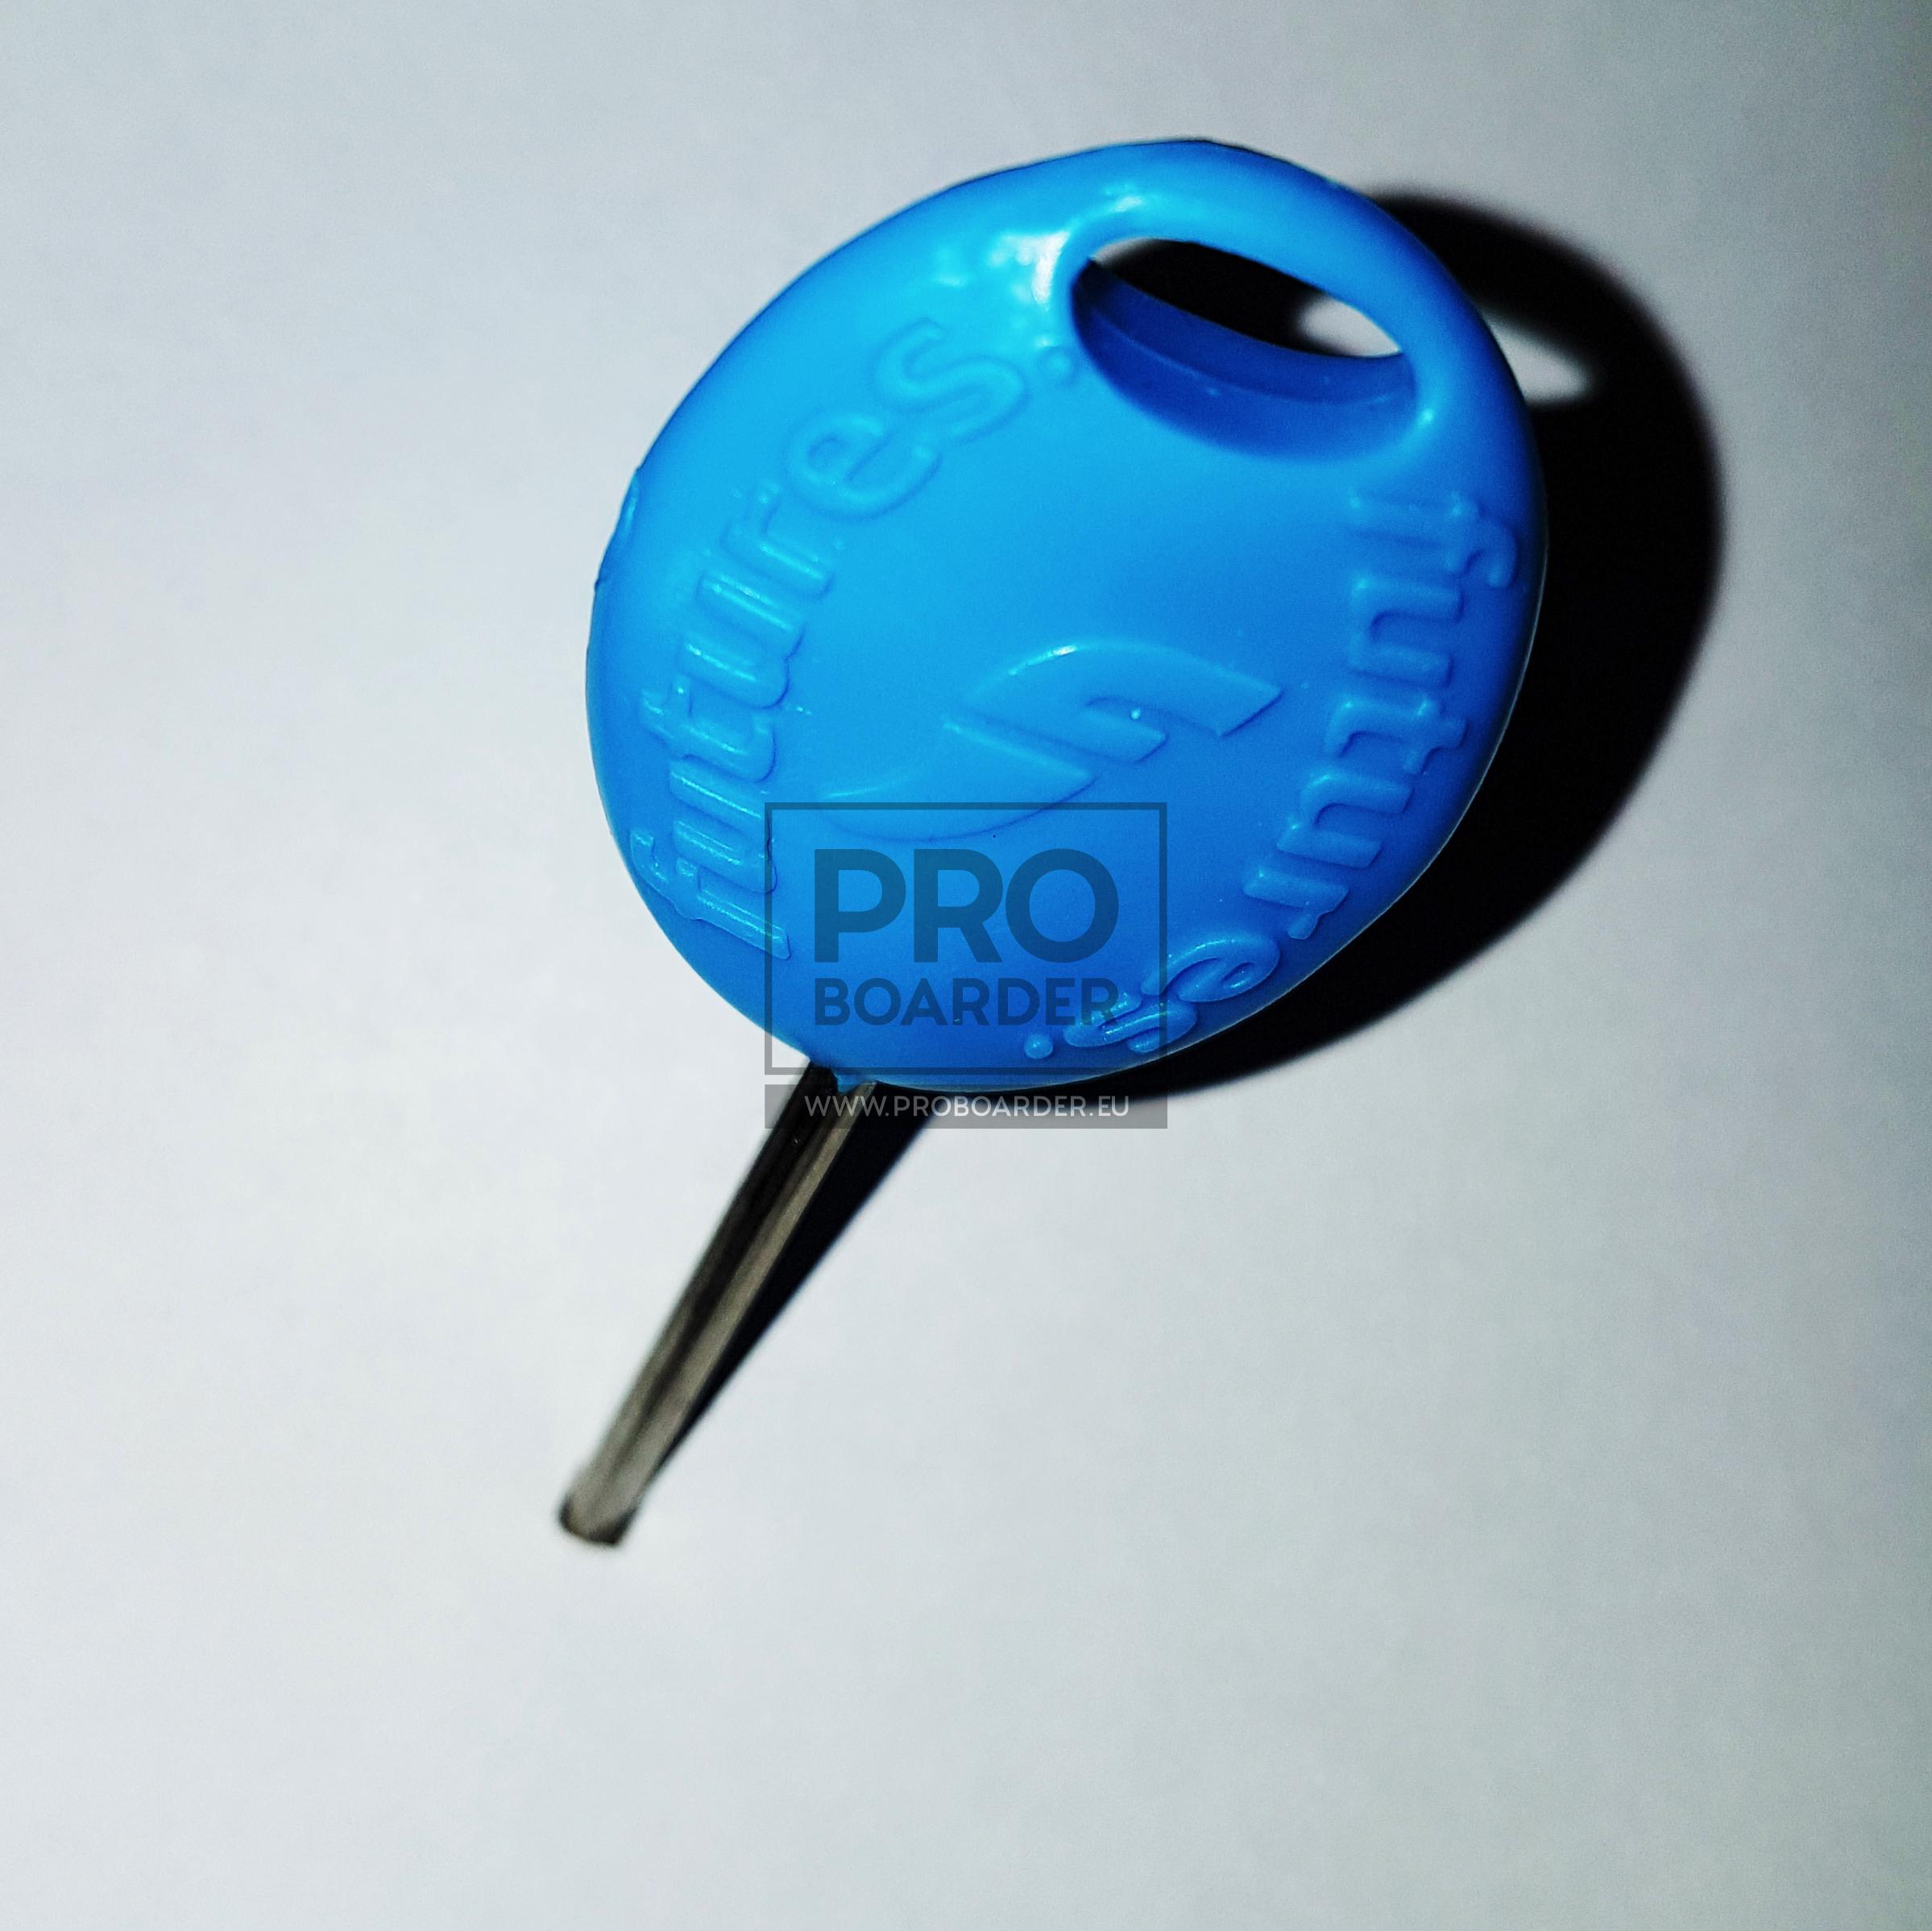 Inbusschlüssel für Madenschrauben in Surfboards / Schlüssel Inbus Montage Finnen Wave - Fin Key Fink